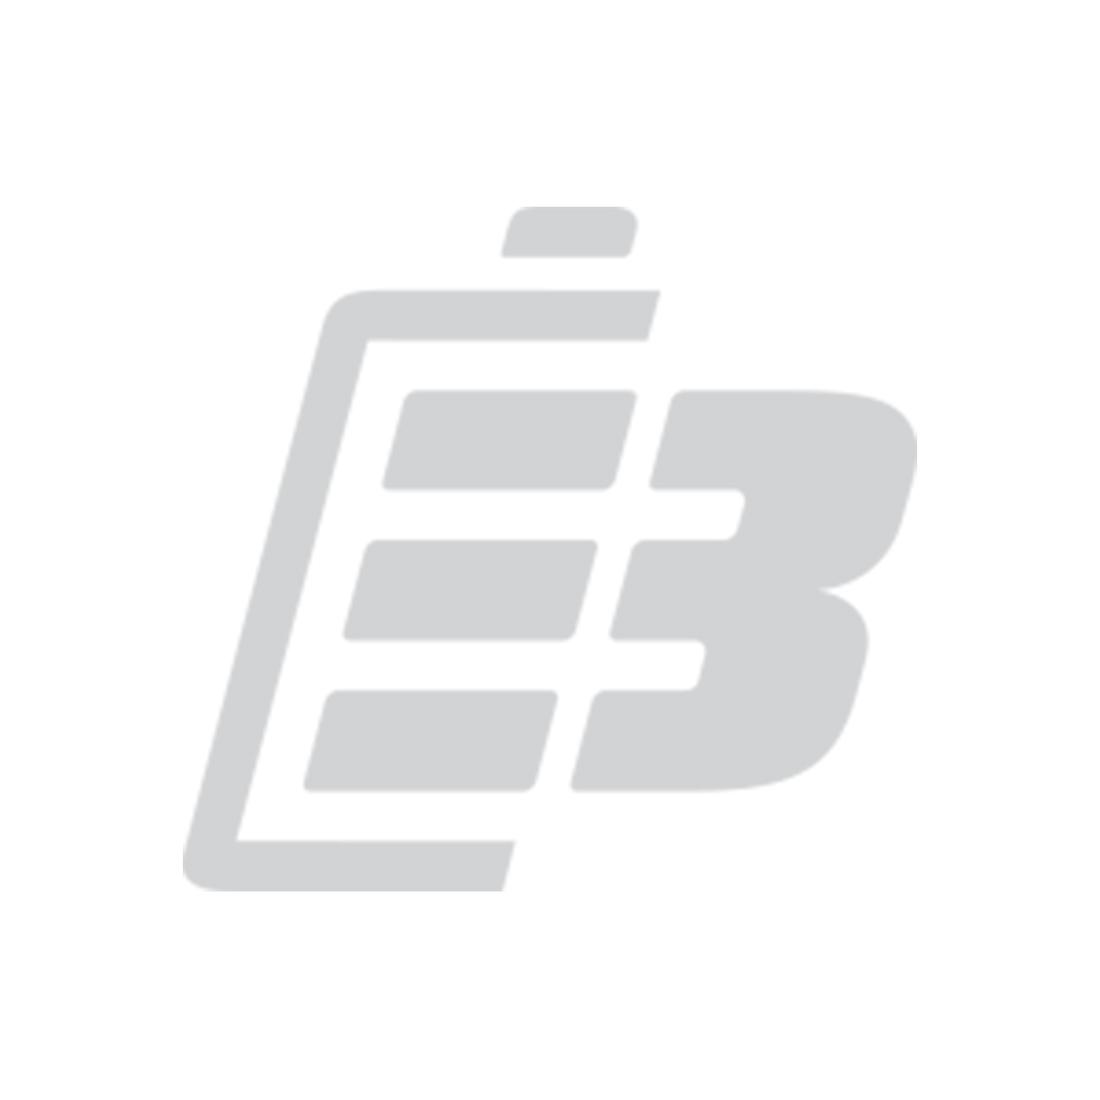 Μπαταρία ηλεκτρικού κολάρου σκύλου Sportdog Sporthunter 1200 SR200-I_1